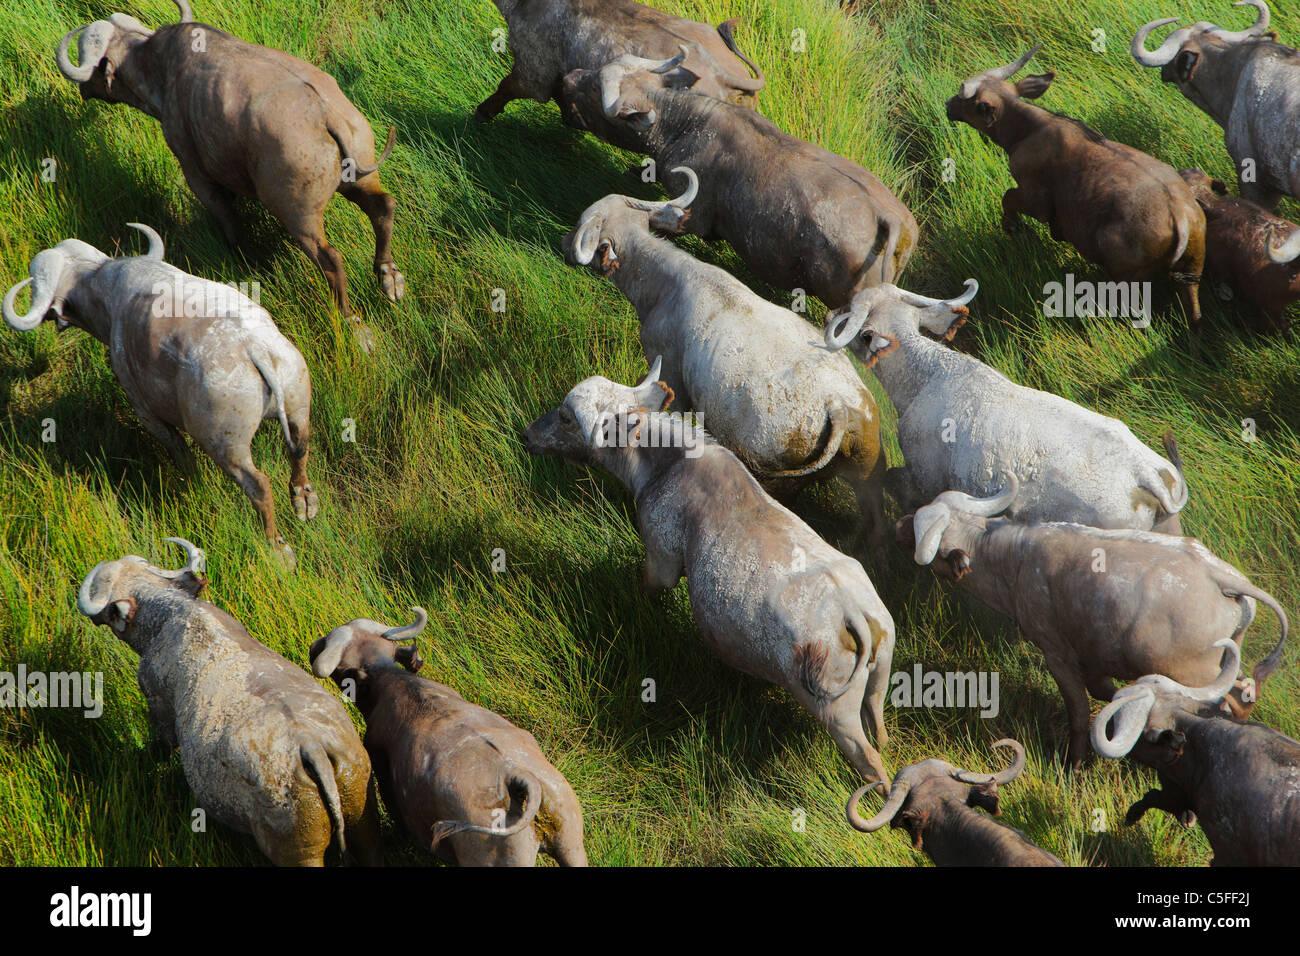 Vista aerea del capo Buffalo (Syncerus caffer) in Kenya. Immagini Stock